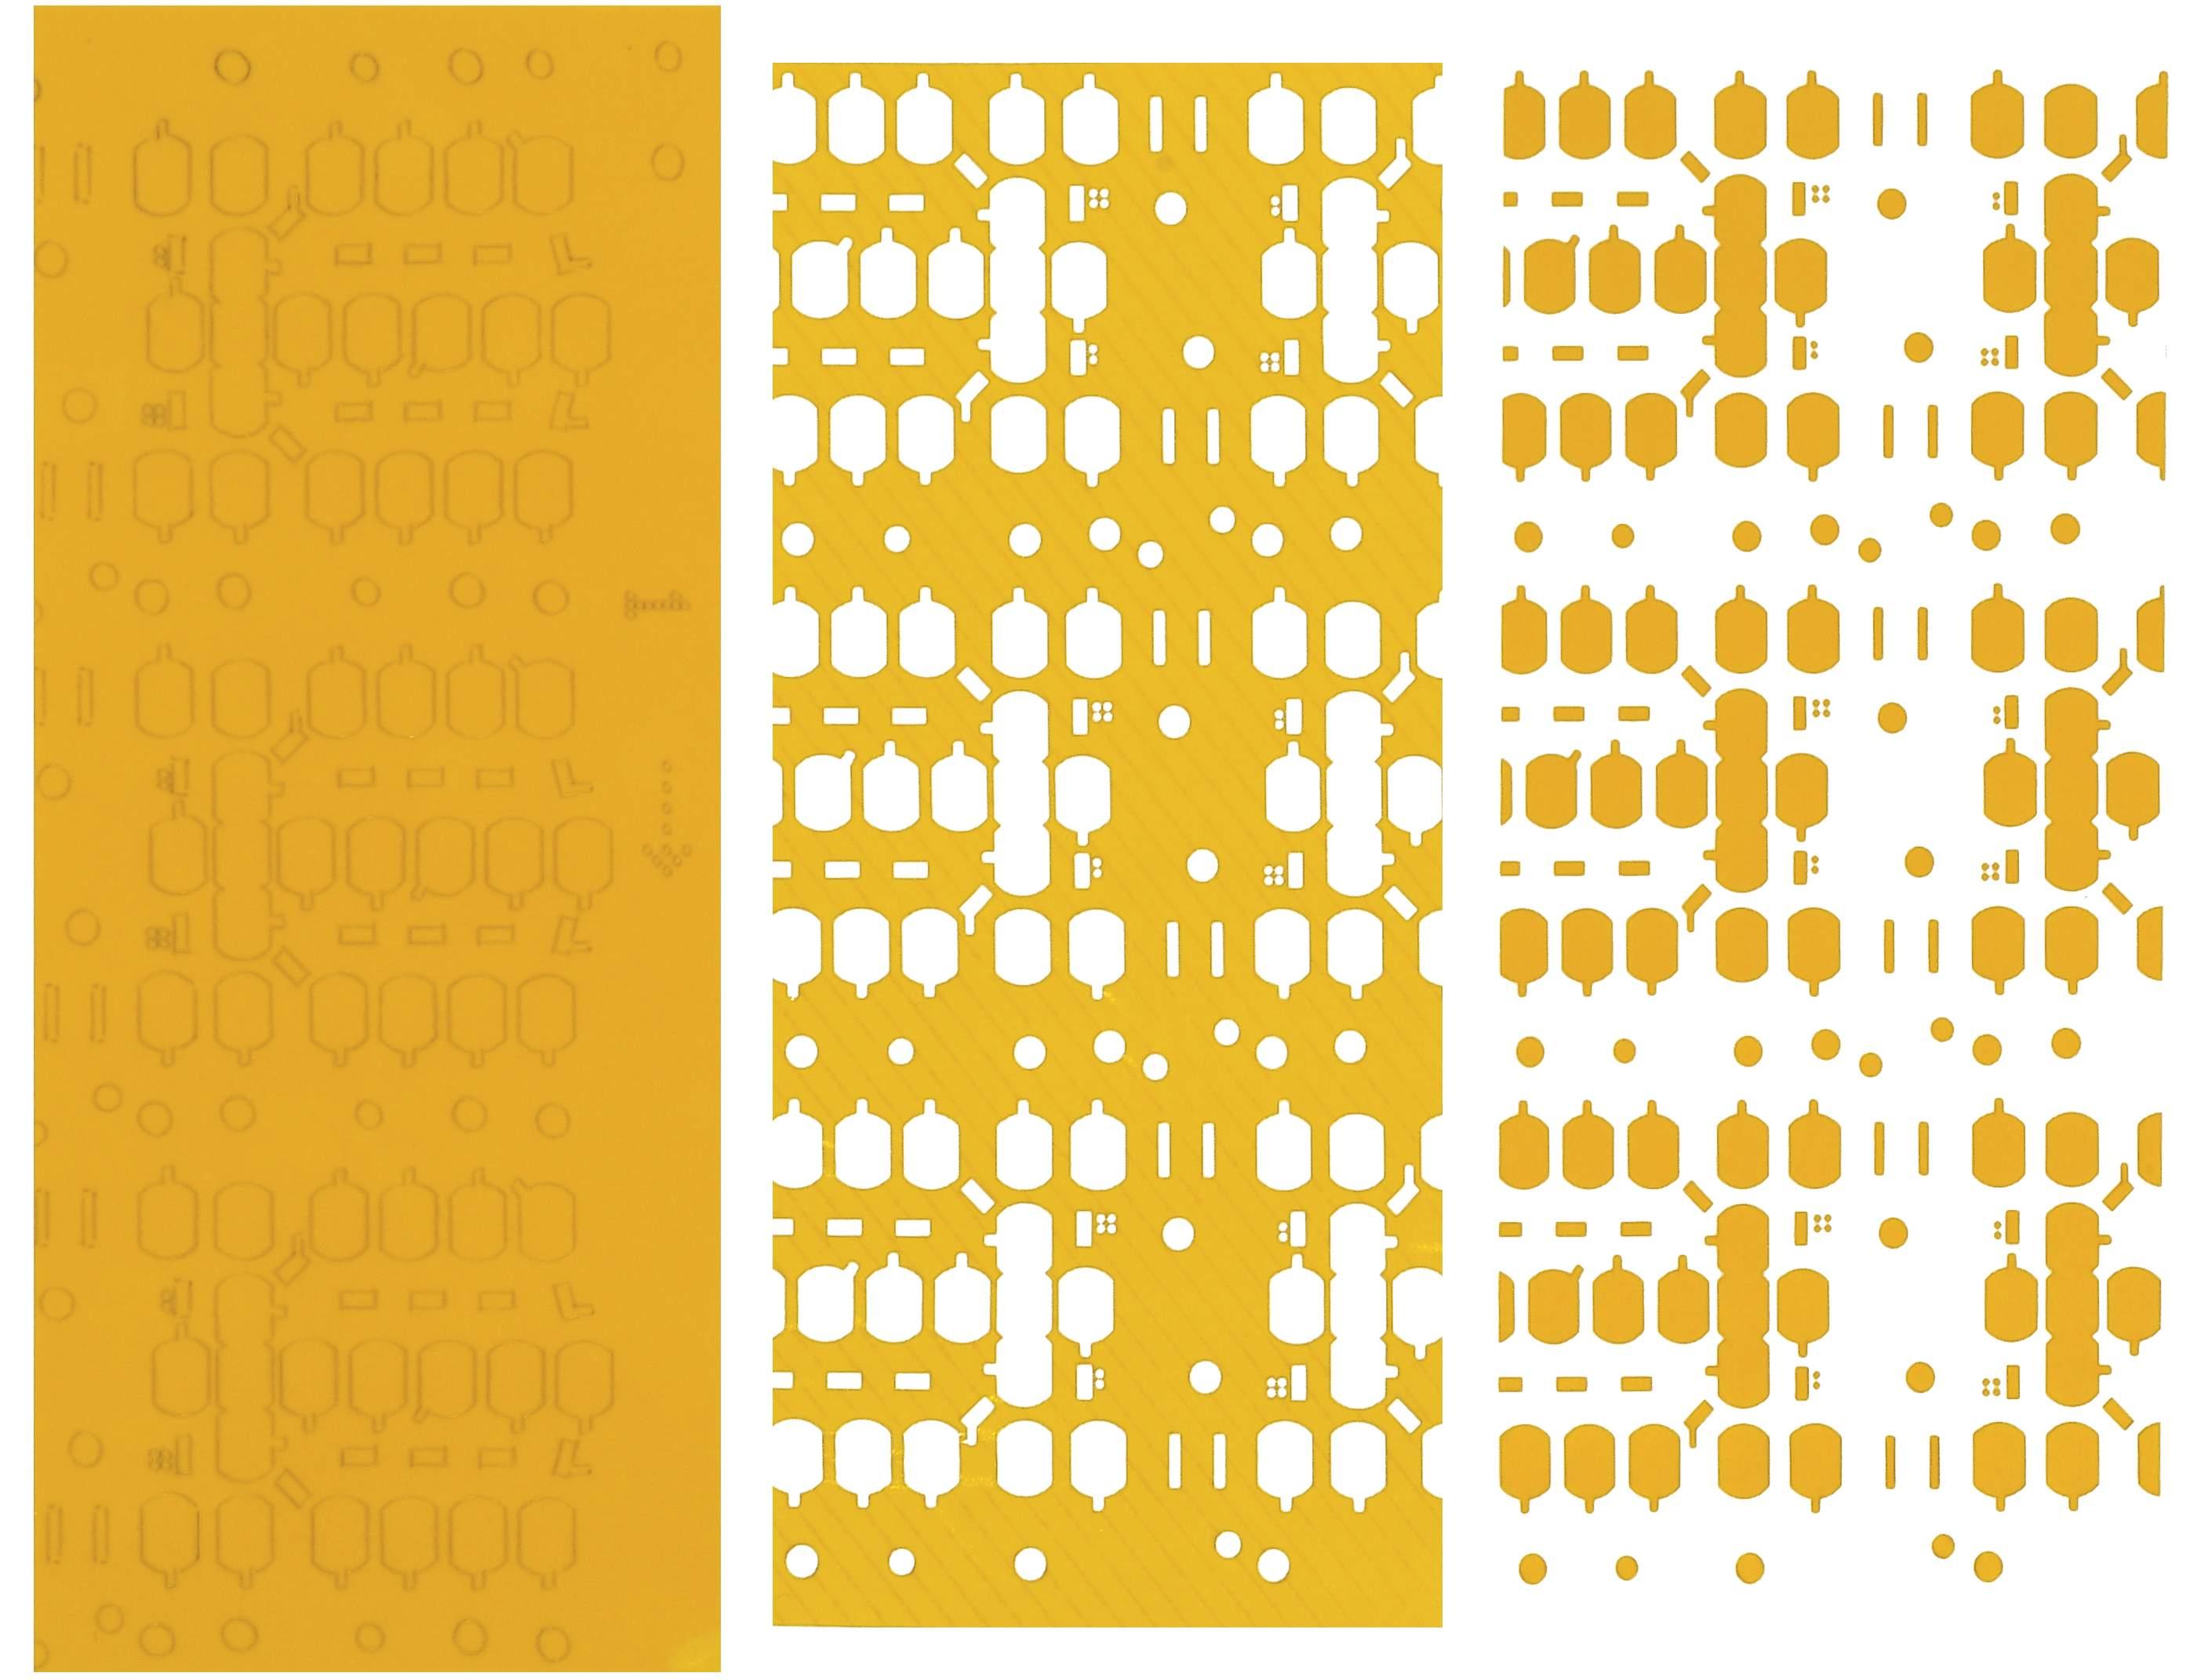 原产于德国的紫外(UV)激光设备,采用紫外二极管泵浦固态(UV-DPSS)激光器,可进行精密激光应用技术领域涵盖FPC成型、FPC钻微孔、FPC钻盲孔、高分子材料切割、LTCC低温共烧陶瓷线路板切割及钻孔服务、高精密成型元器件外形成型技术应用等服务。